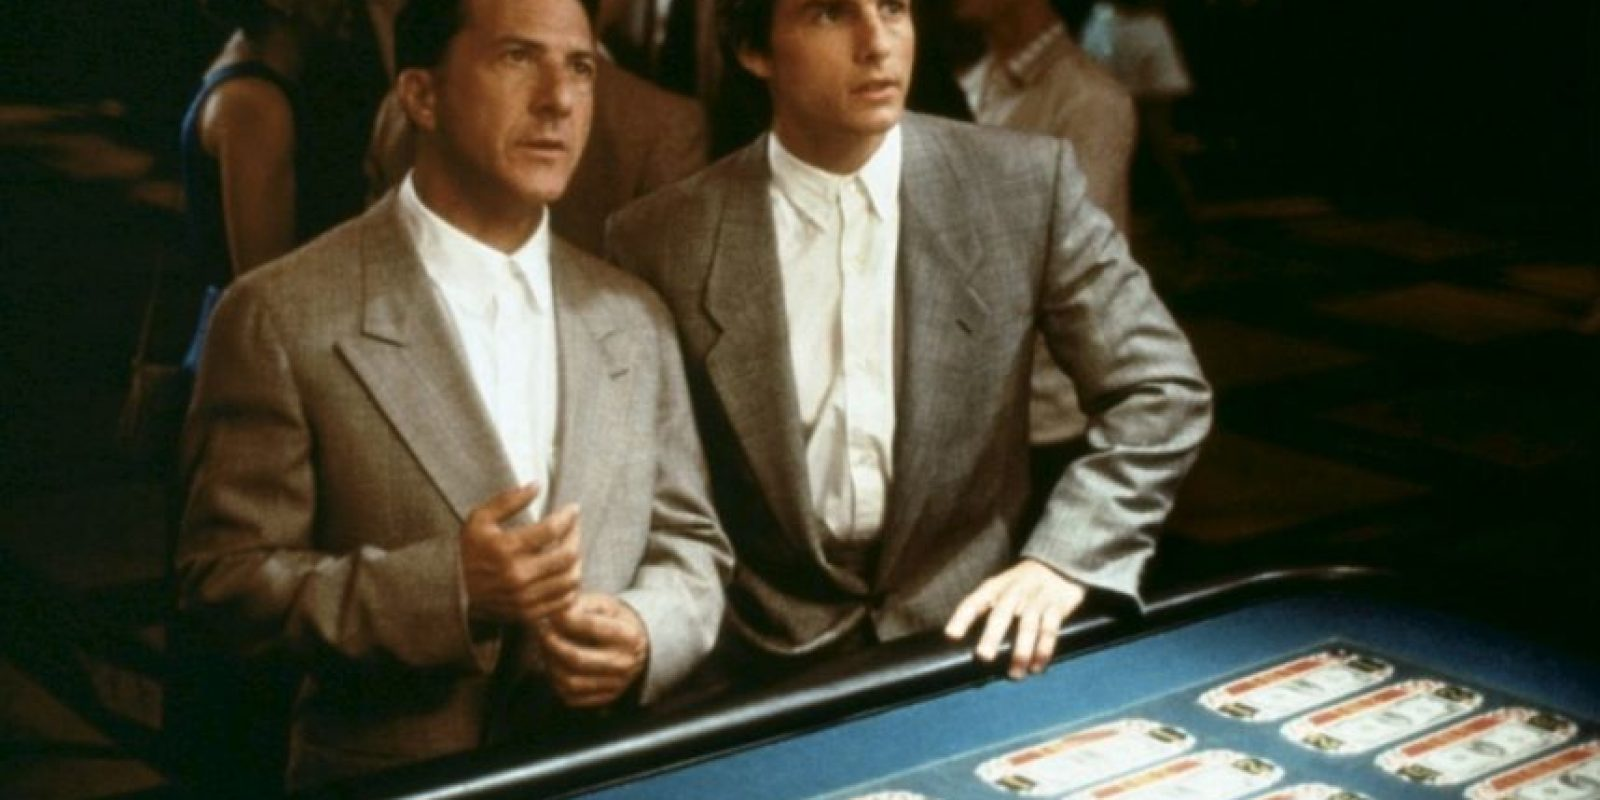 """""""Rain Man"""" o """"Cuando los hermanos se encuentran"""" es una película estadounidense de 1988 que cuenta la historía de dos hermanos: uno exitoso y el otro autista. Obtuvo cuatro premios de la Academia incluyendo mejor película. Foto:IMDB"""